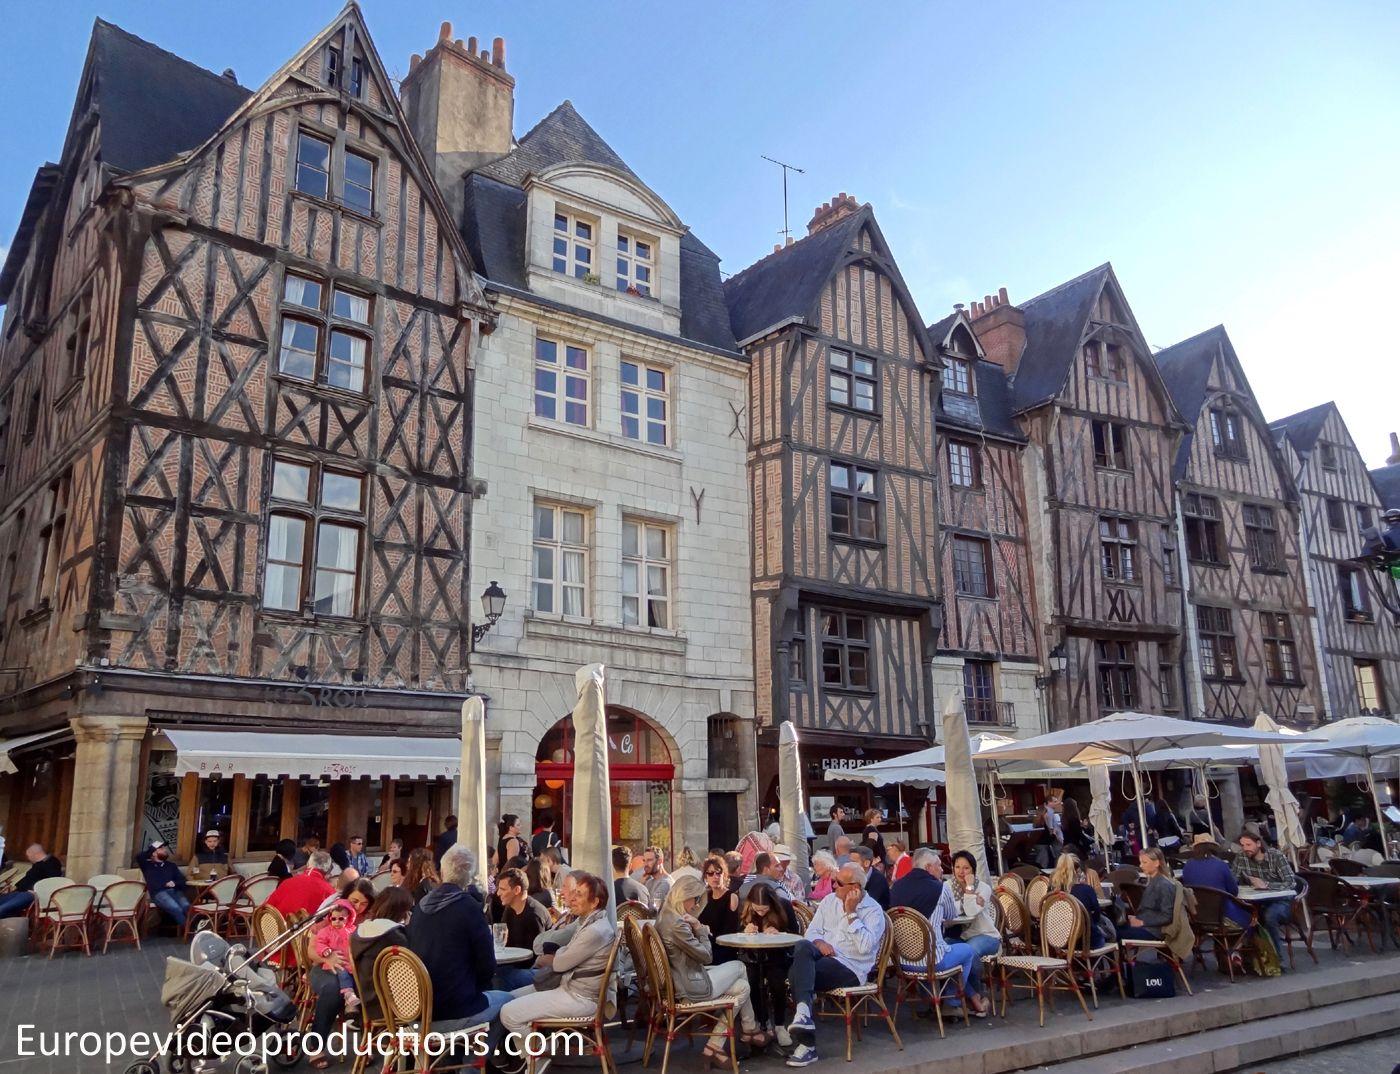 Place De Plumereau In Tours In France France Tourism Pinterest - France tours